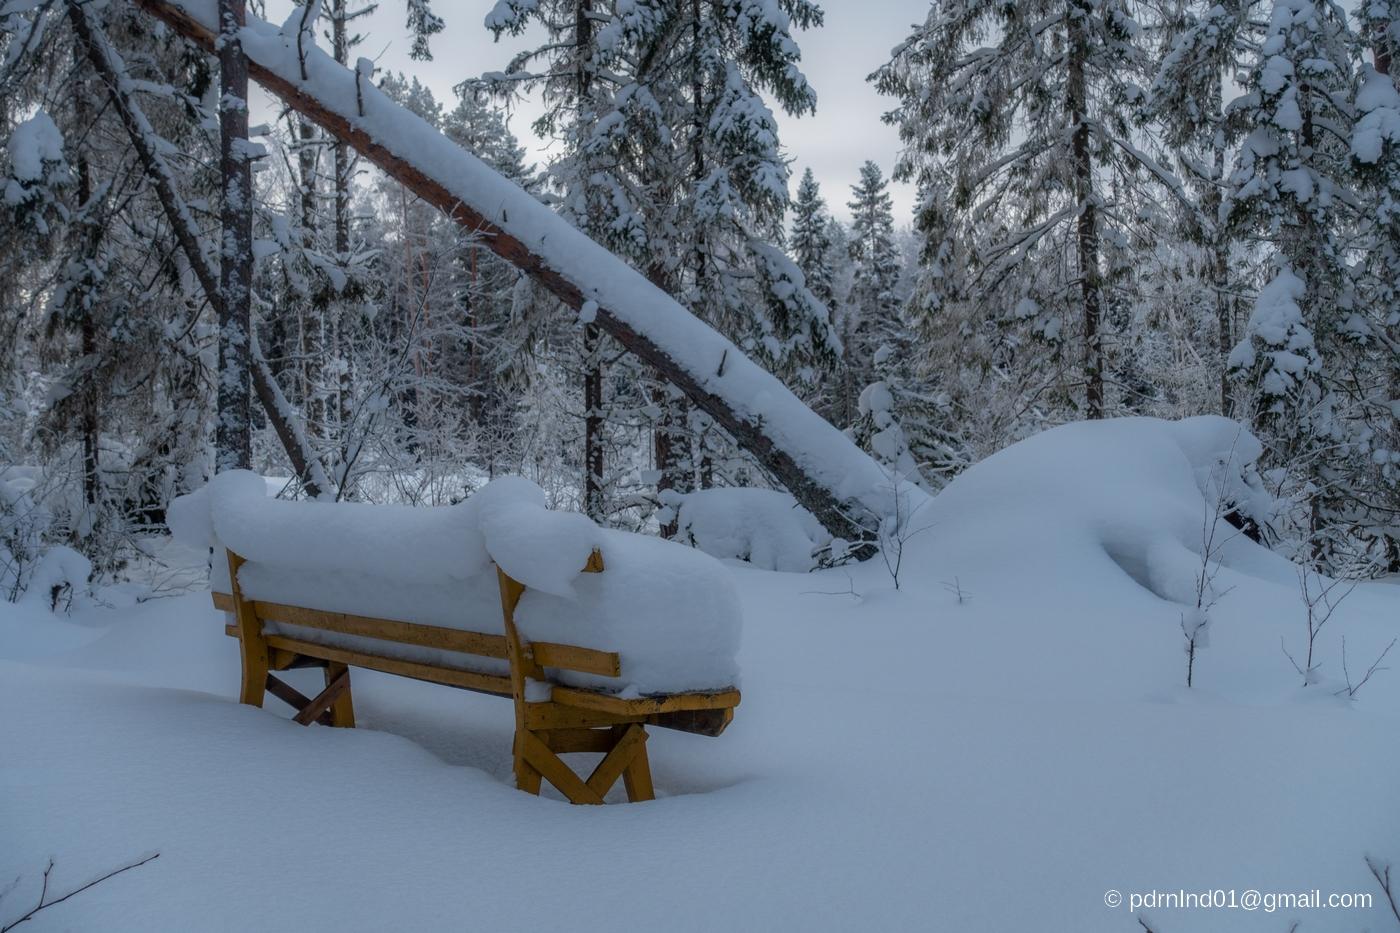 Snötäckt bänk i skogen